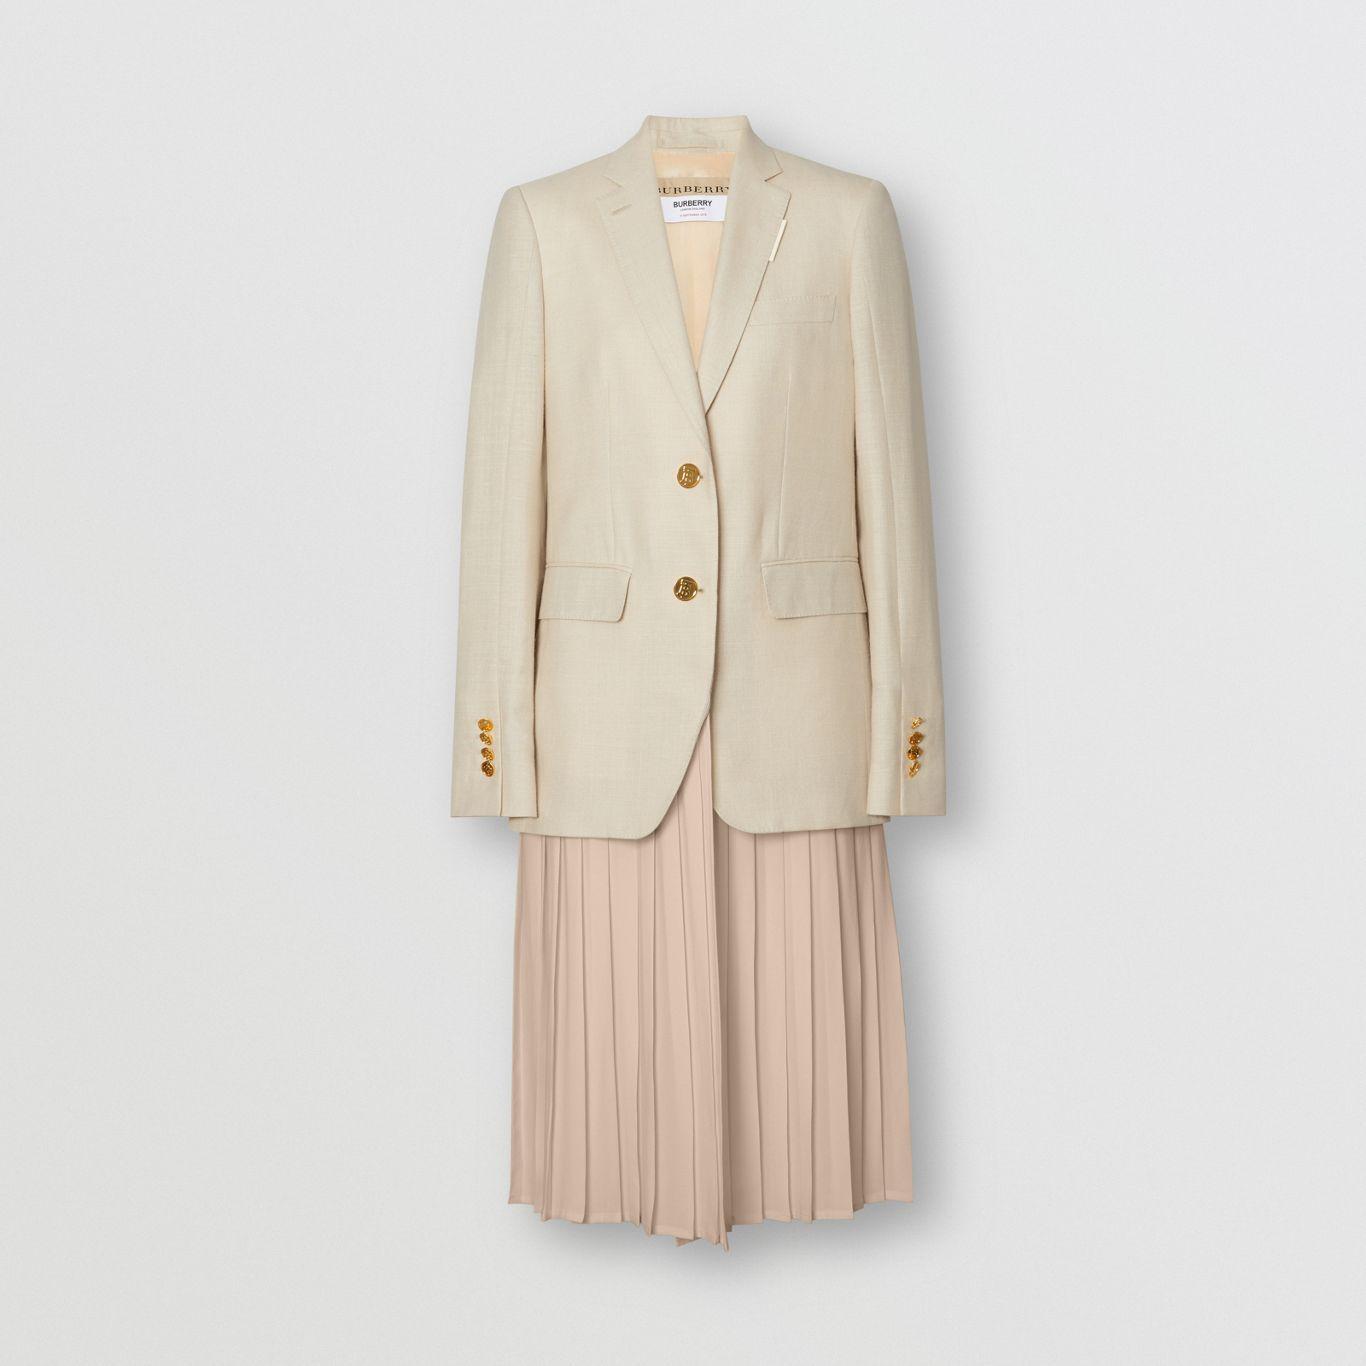 Chaqueta de vestir en lana, seda y lino con panel plisado